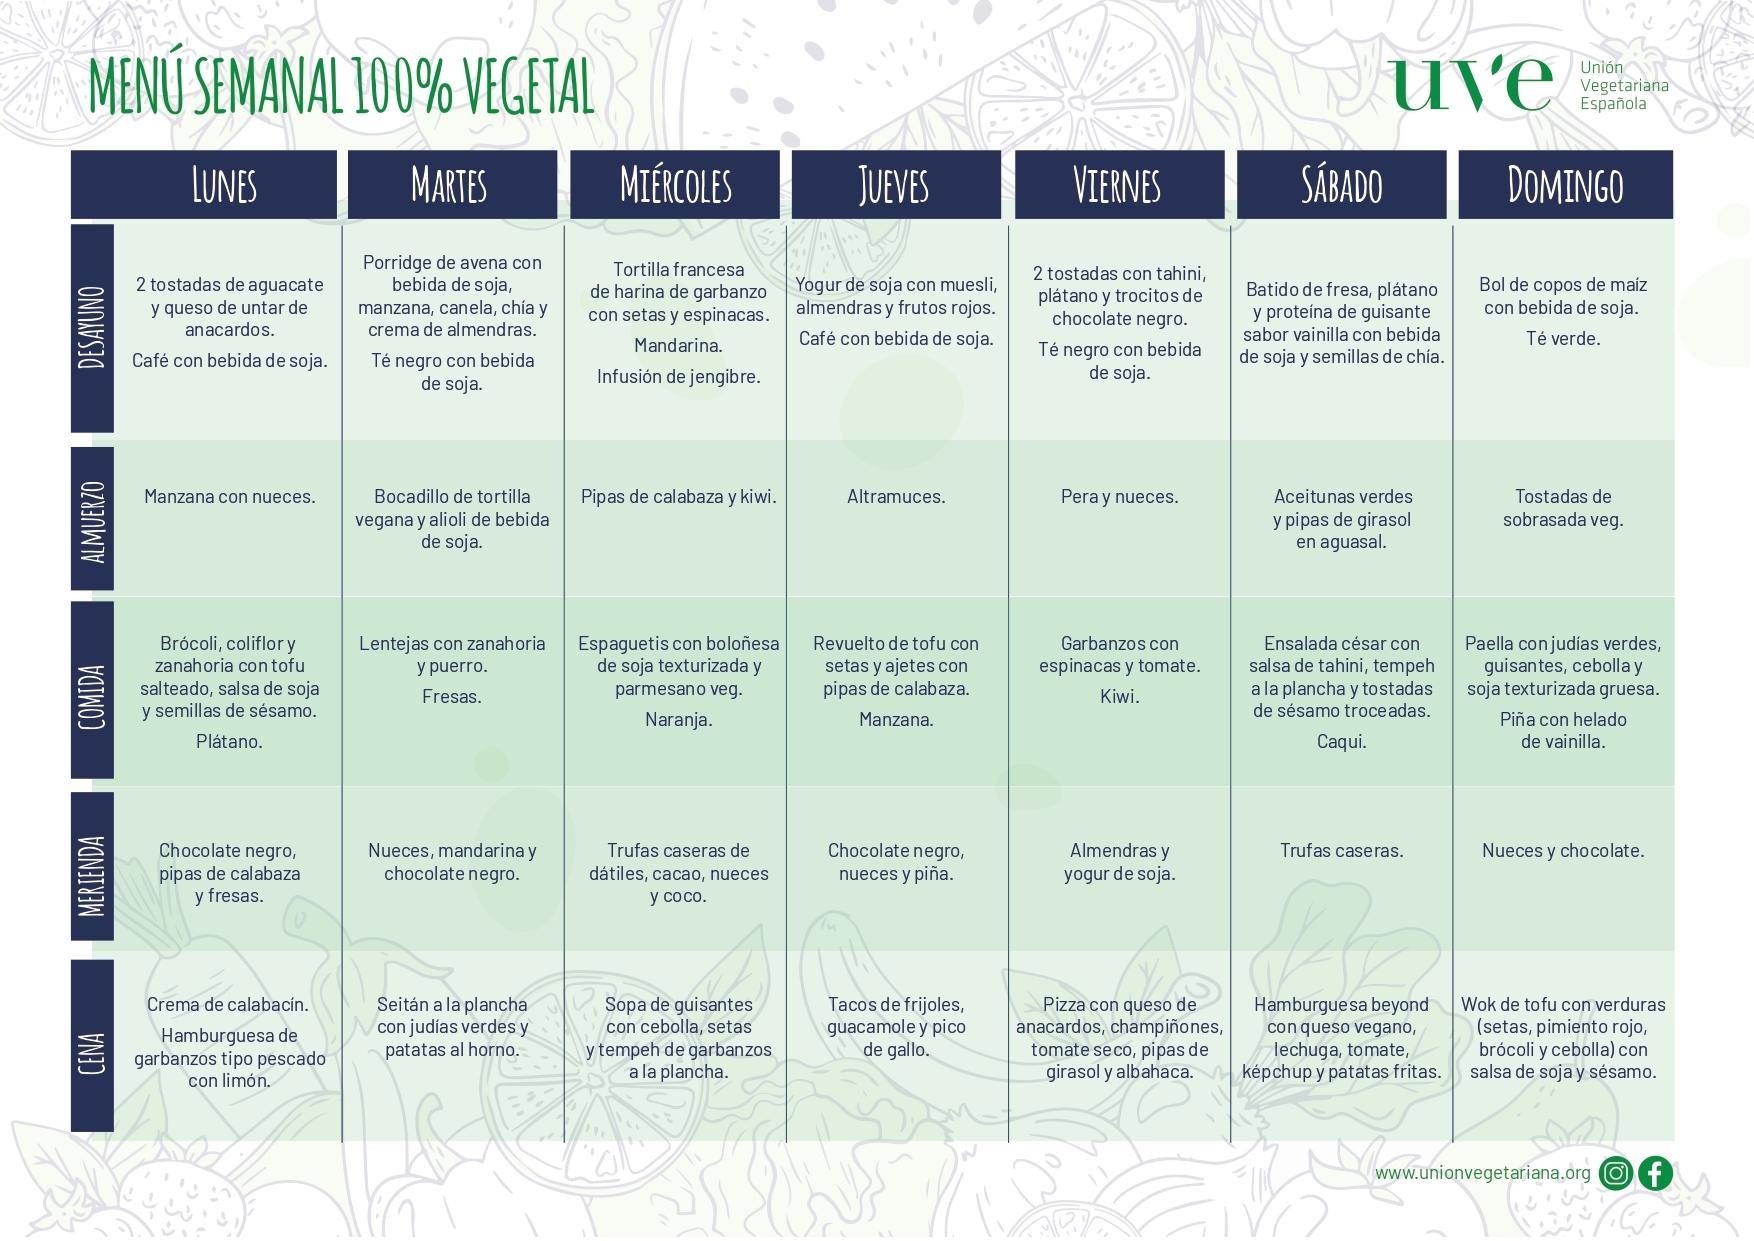 plan semanal para alimentarsebien durante el aislamiento